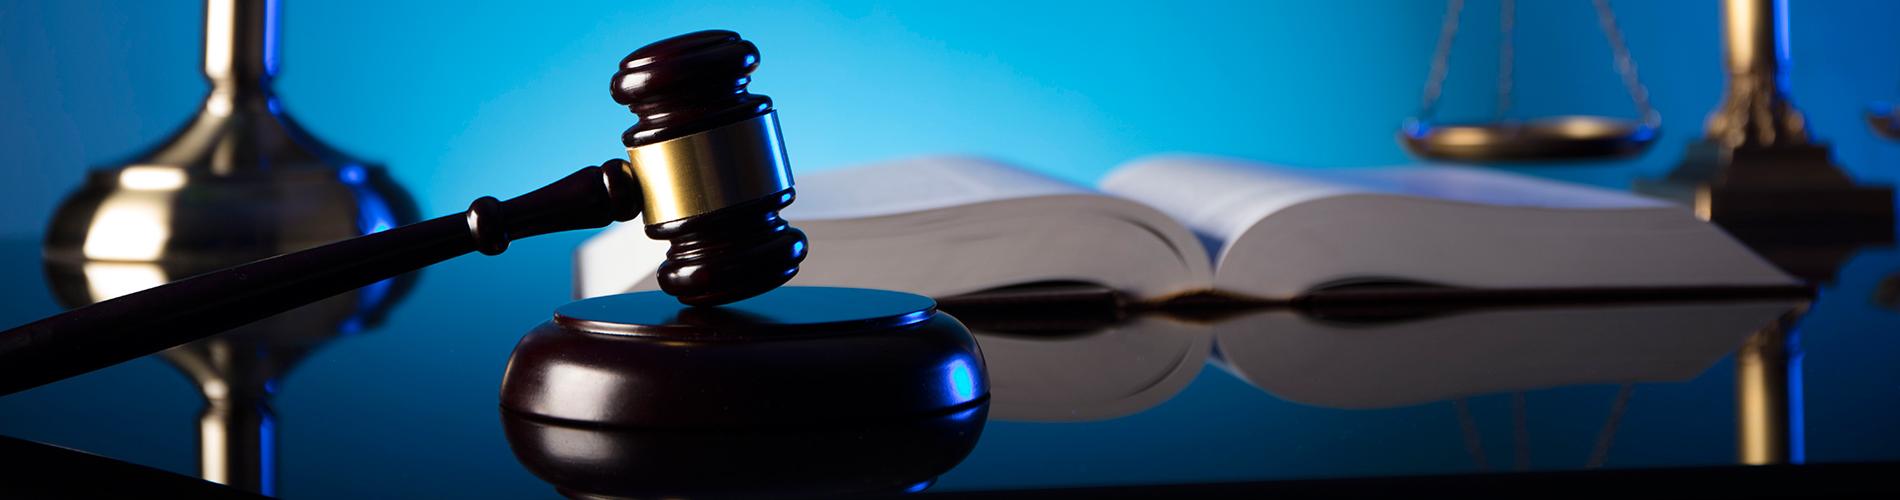 Юридическая консультация. Оказание юридических услуг в Москве